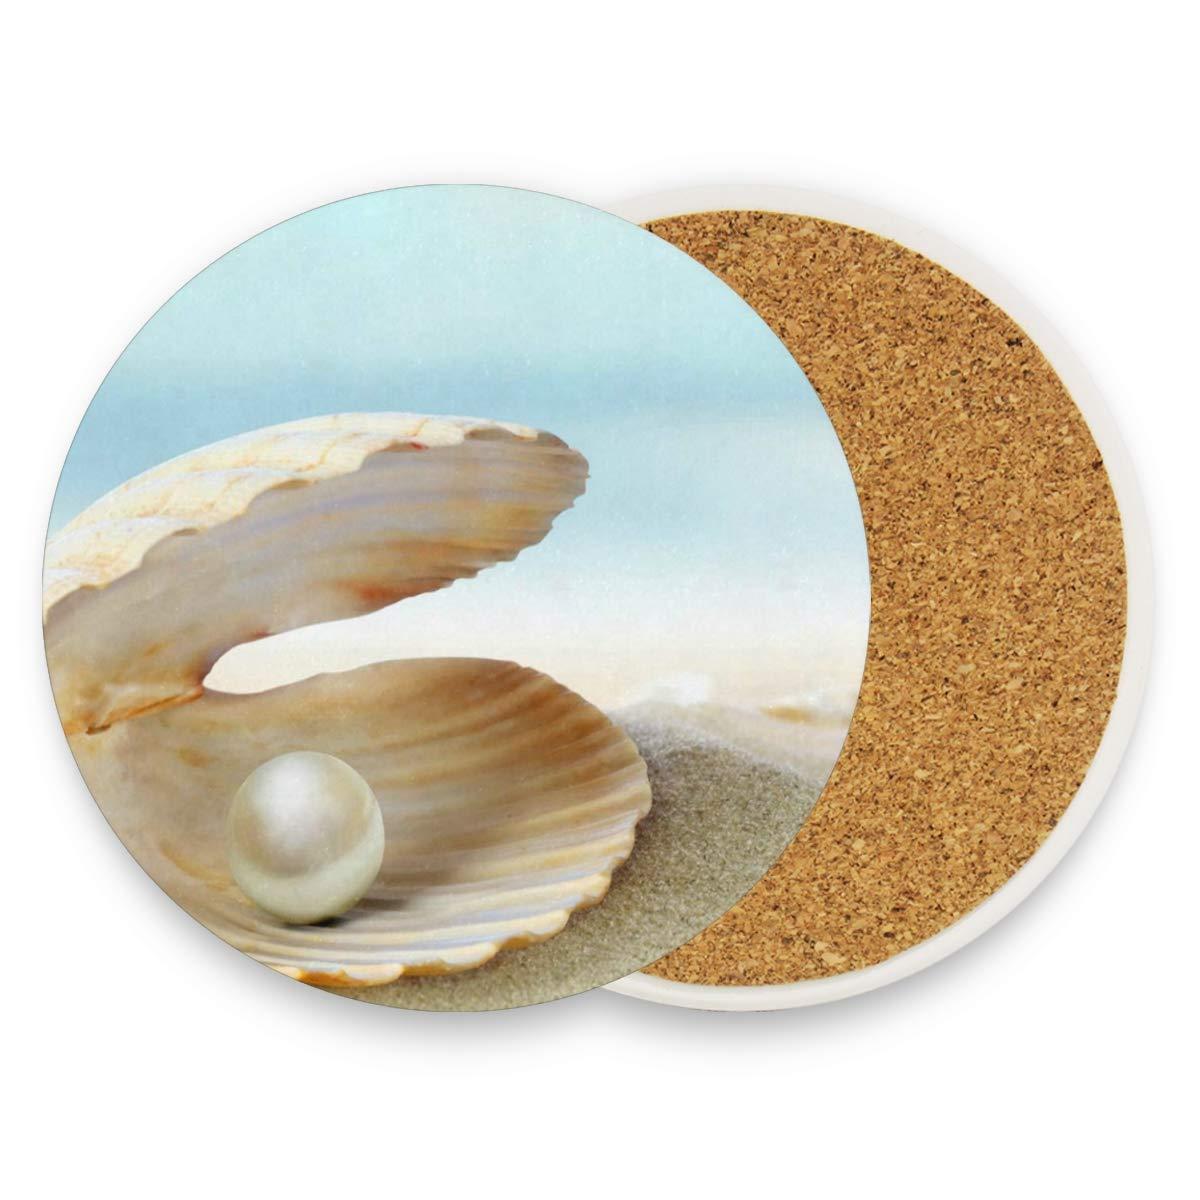 海洋の動物コースター、御影石、ガラス、石鹸石、砂岩、大理石、石のテーブルの保護 - 完璧なコルクコースター、ラウンドカップマットパッド、自宅、キッチン、バー用 set of 4 レッド g20320087p294c331s586 set of 4 パターン3 B07Q5W39KD